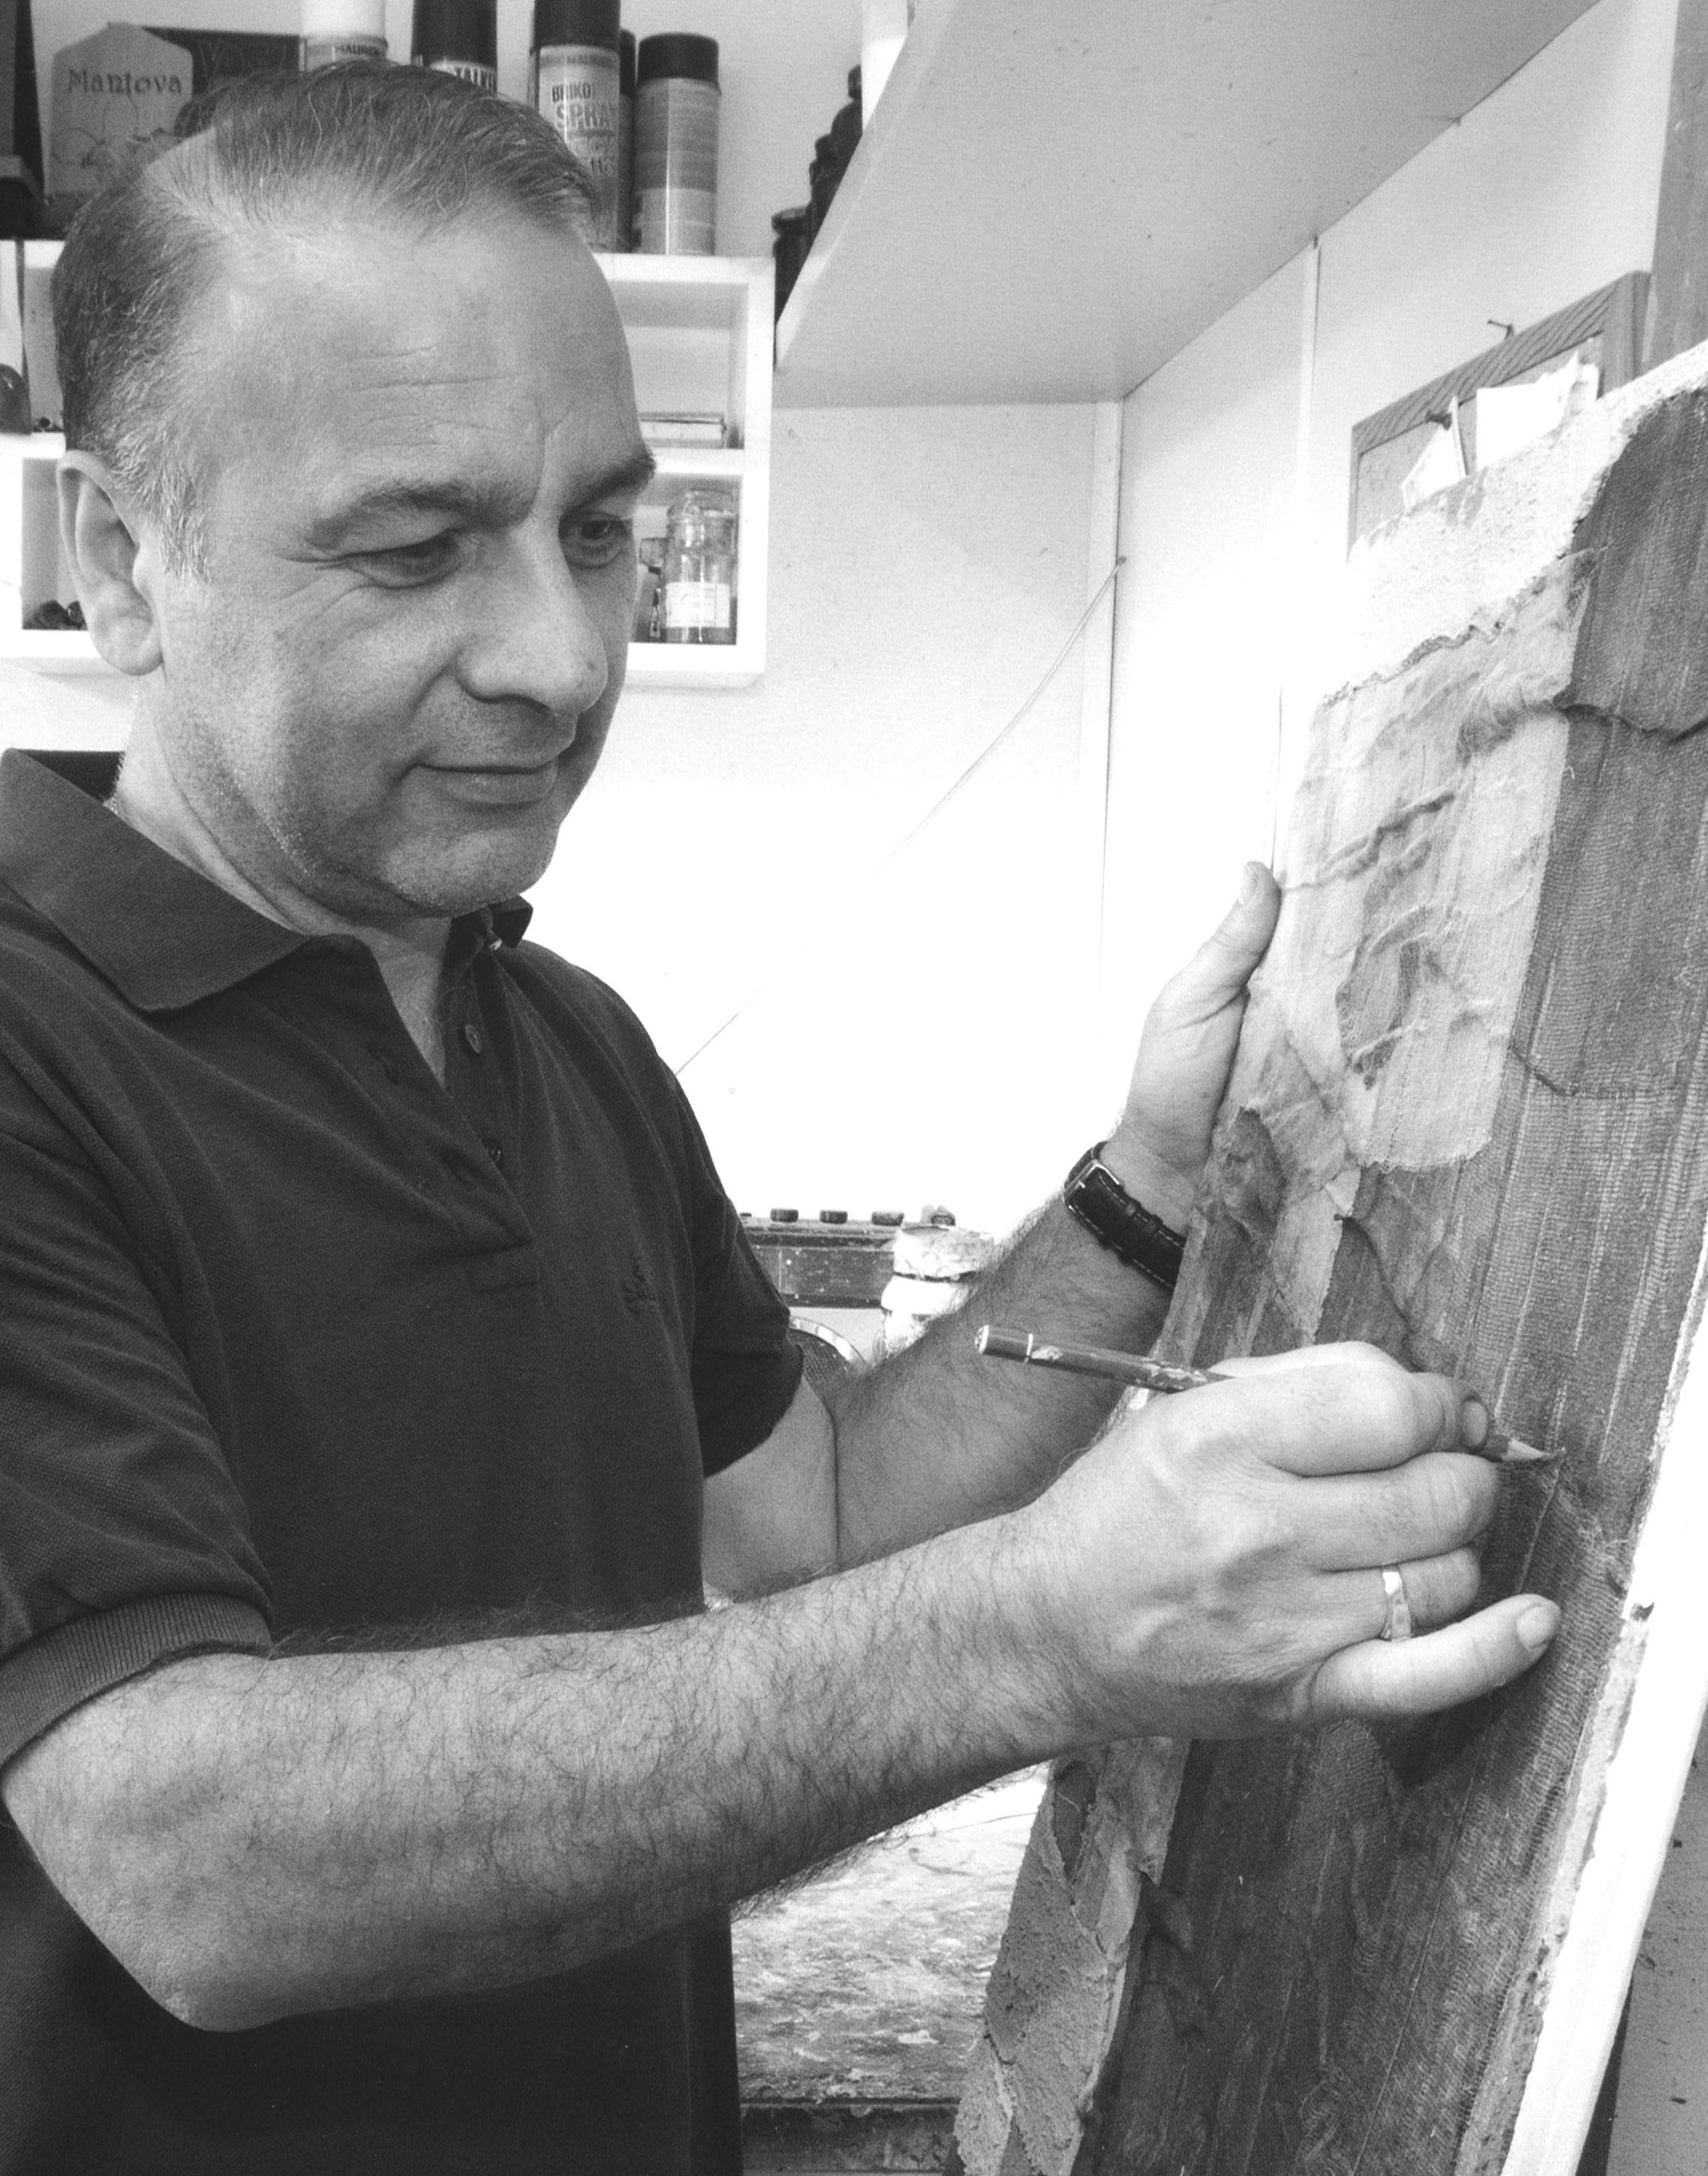 Mauro Capelli